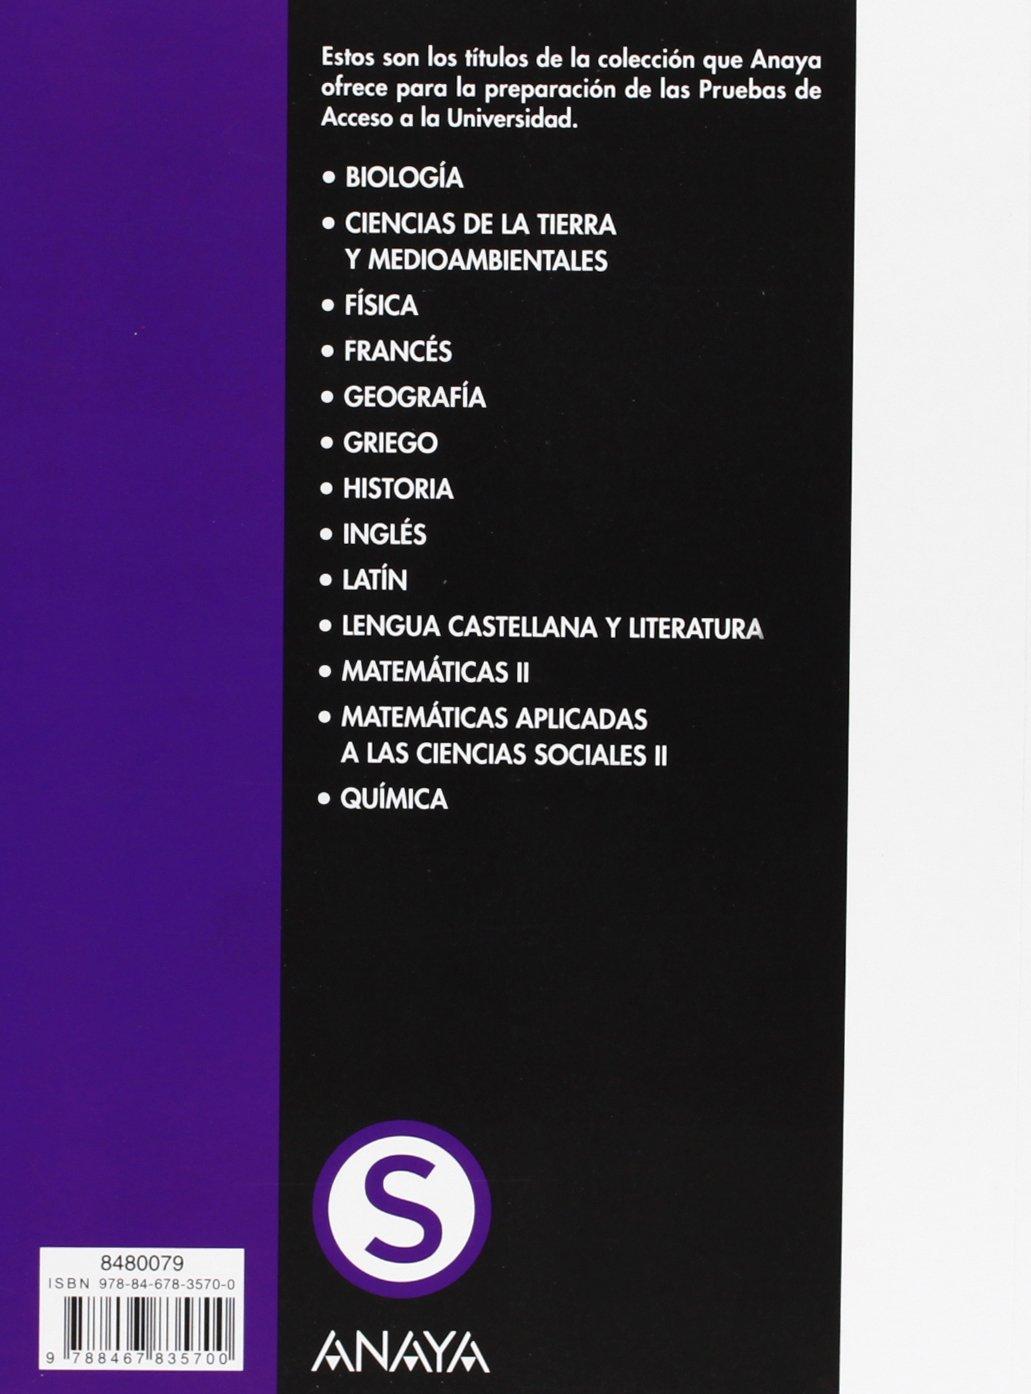 Física. Pruebas de Acceso a la Universidad. Selectividad/PAU 2012: Amazon.es: García Álvarez, M.ª Luz, Platero Muñoz, M.ª Paz: Libros